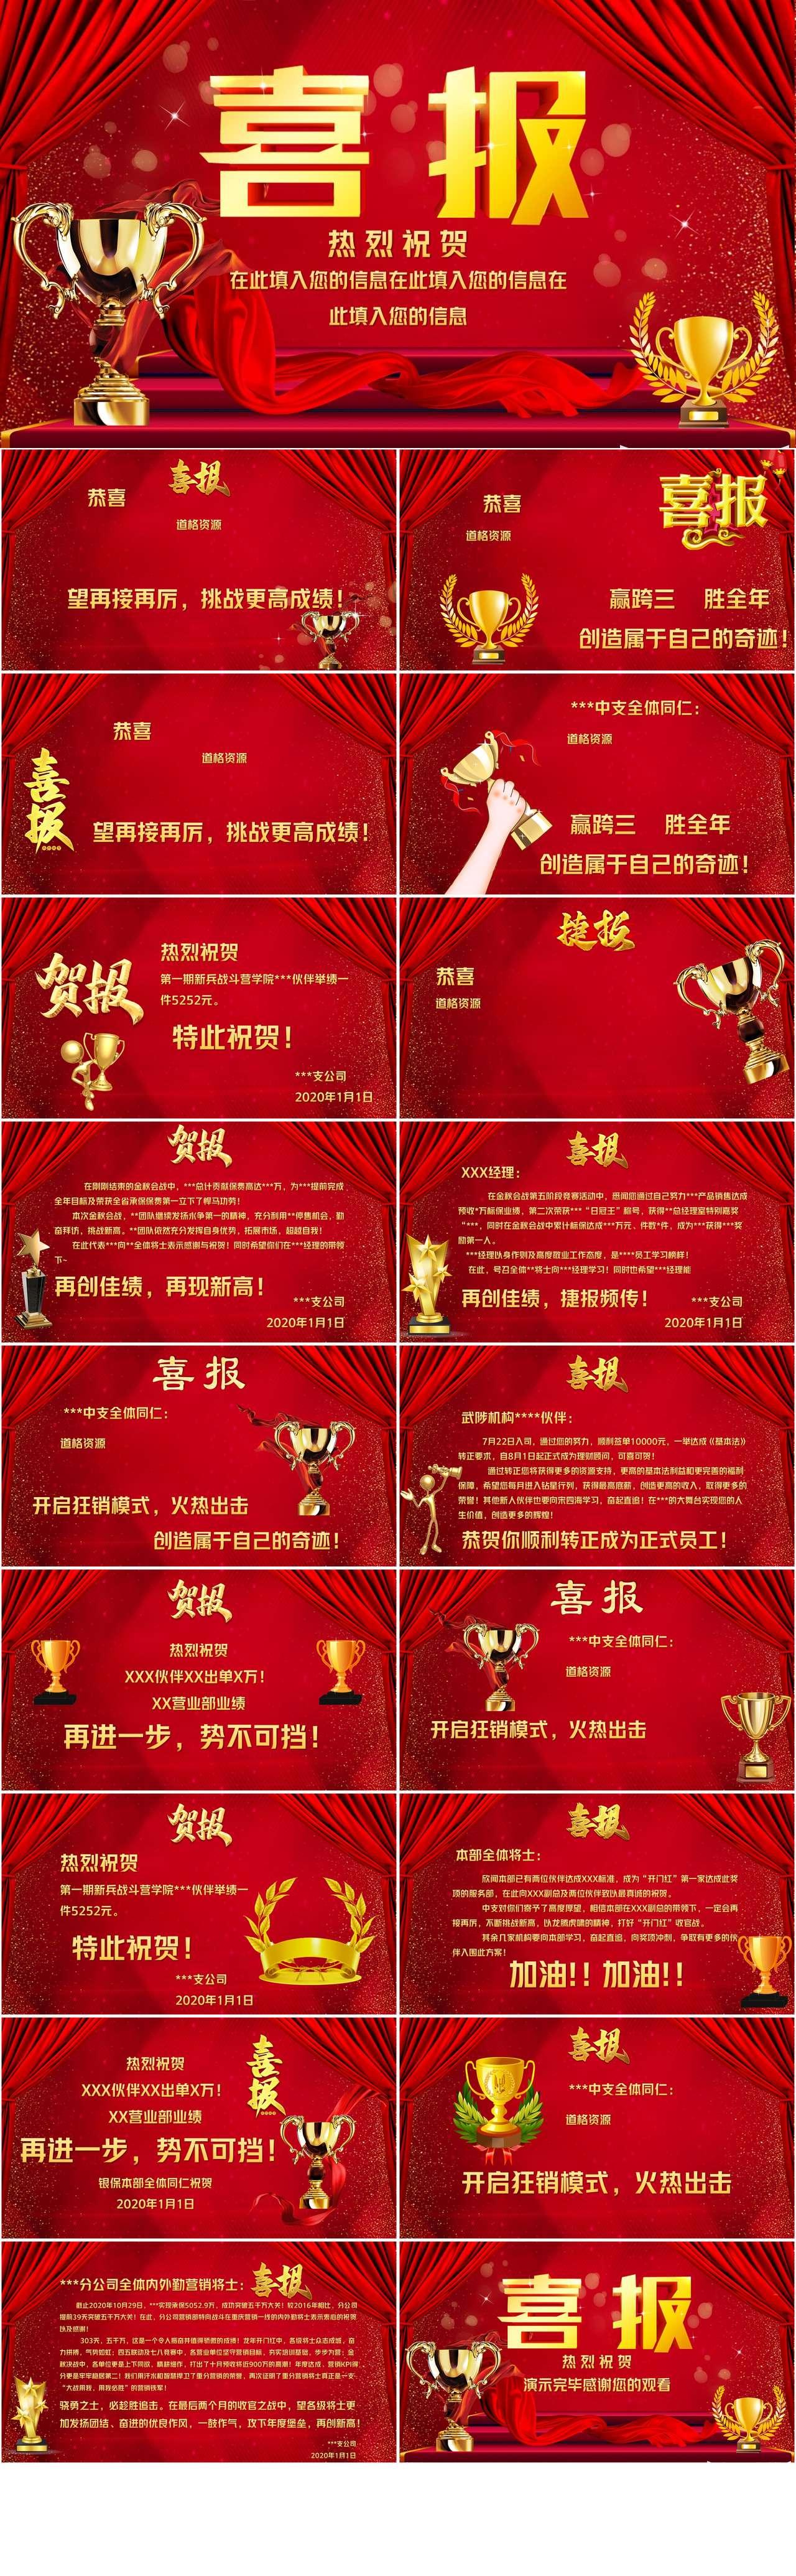 红色酷炫公司销售喜报颁奖典礼PPT模板插图1